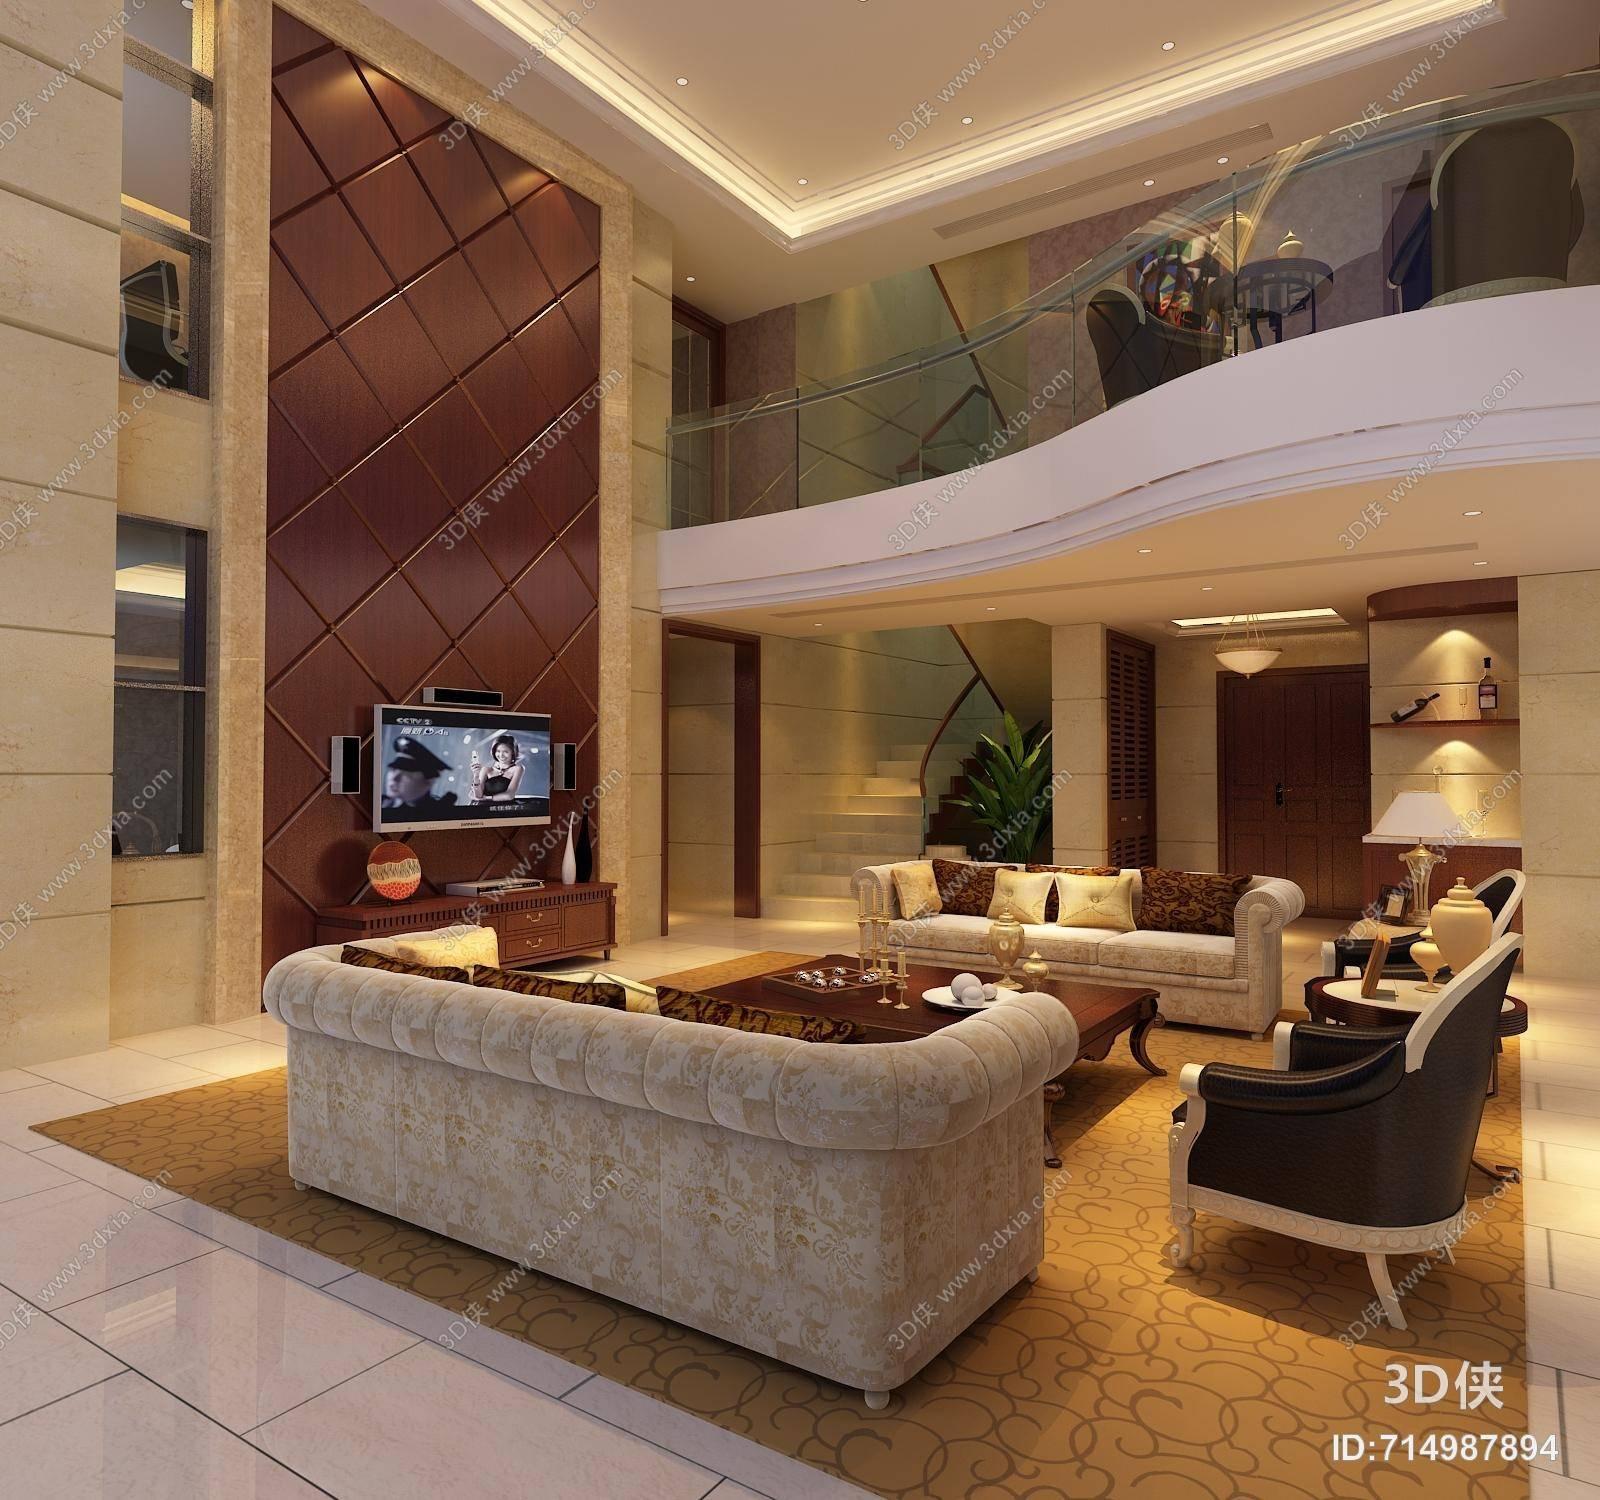 欧式简约别墅客厅 欧式简约长方形木艺电视柜 欧式简约沙发茶几组合